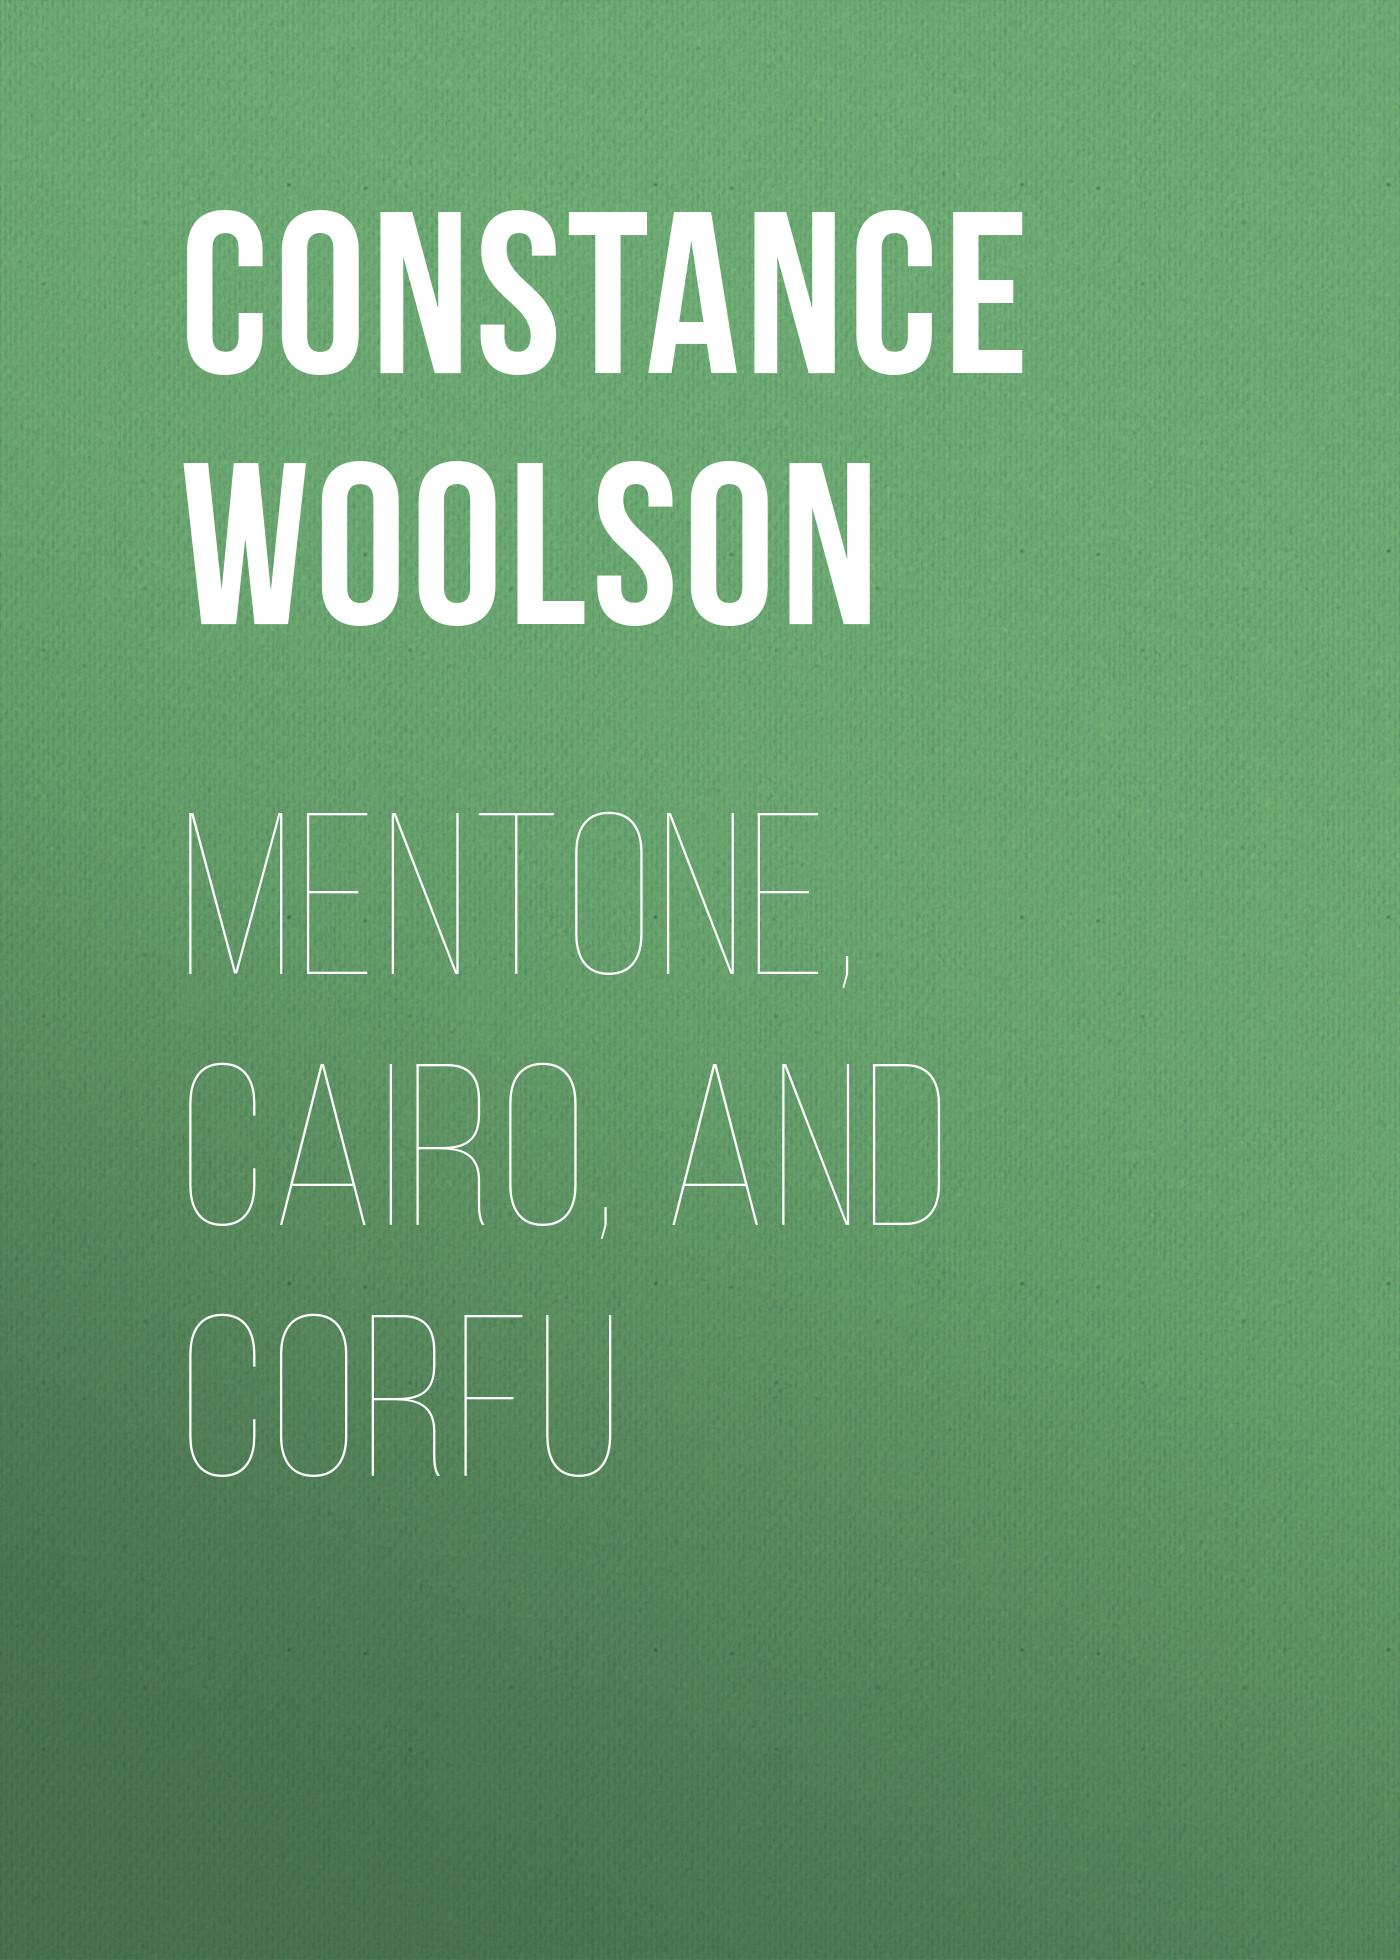 Woolson Constance Fenimore Mentone, Cairo, and Corfu цена в Москве и Питере